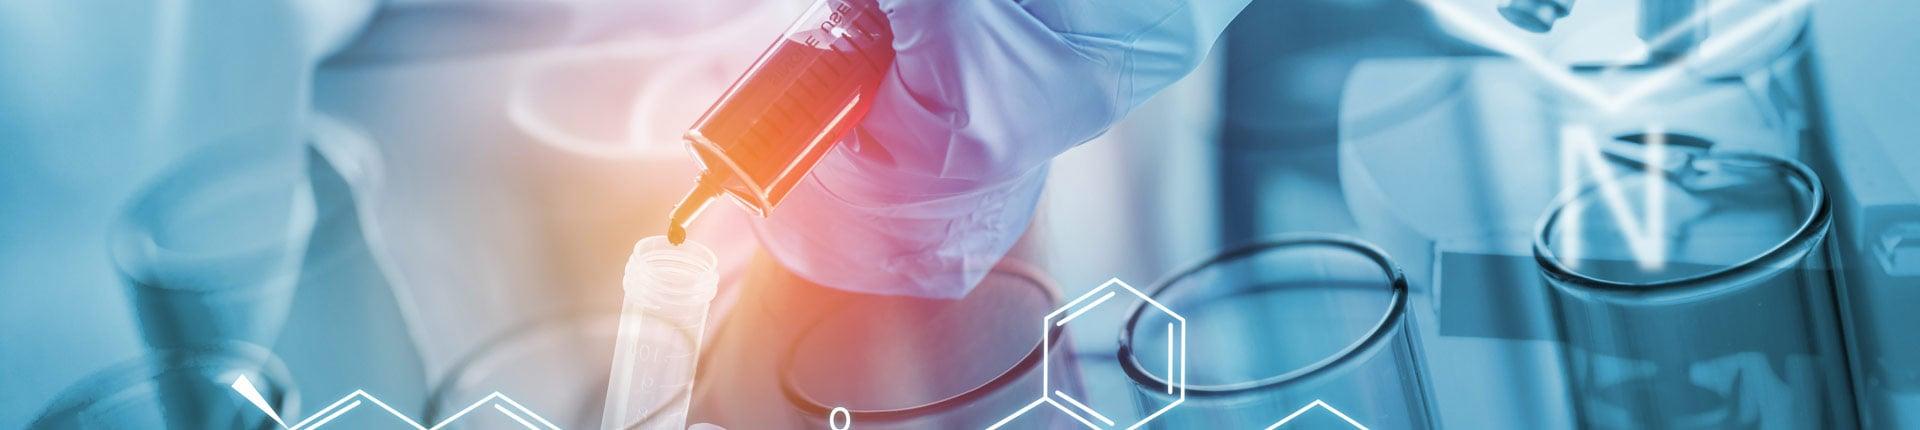 Testosteron: eliksir zdrowia?